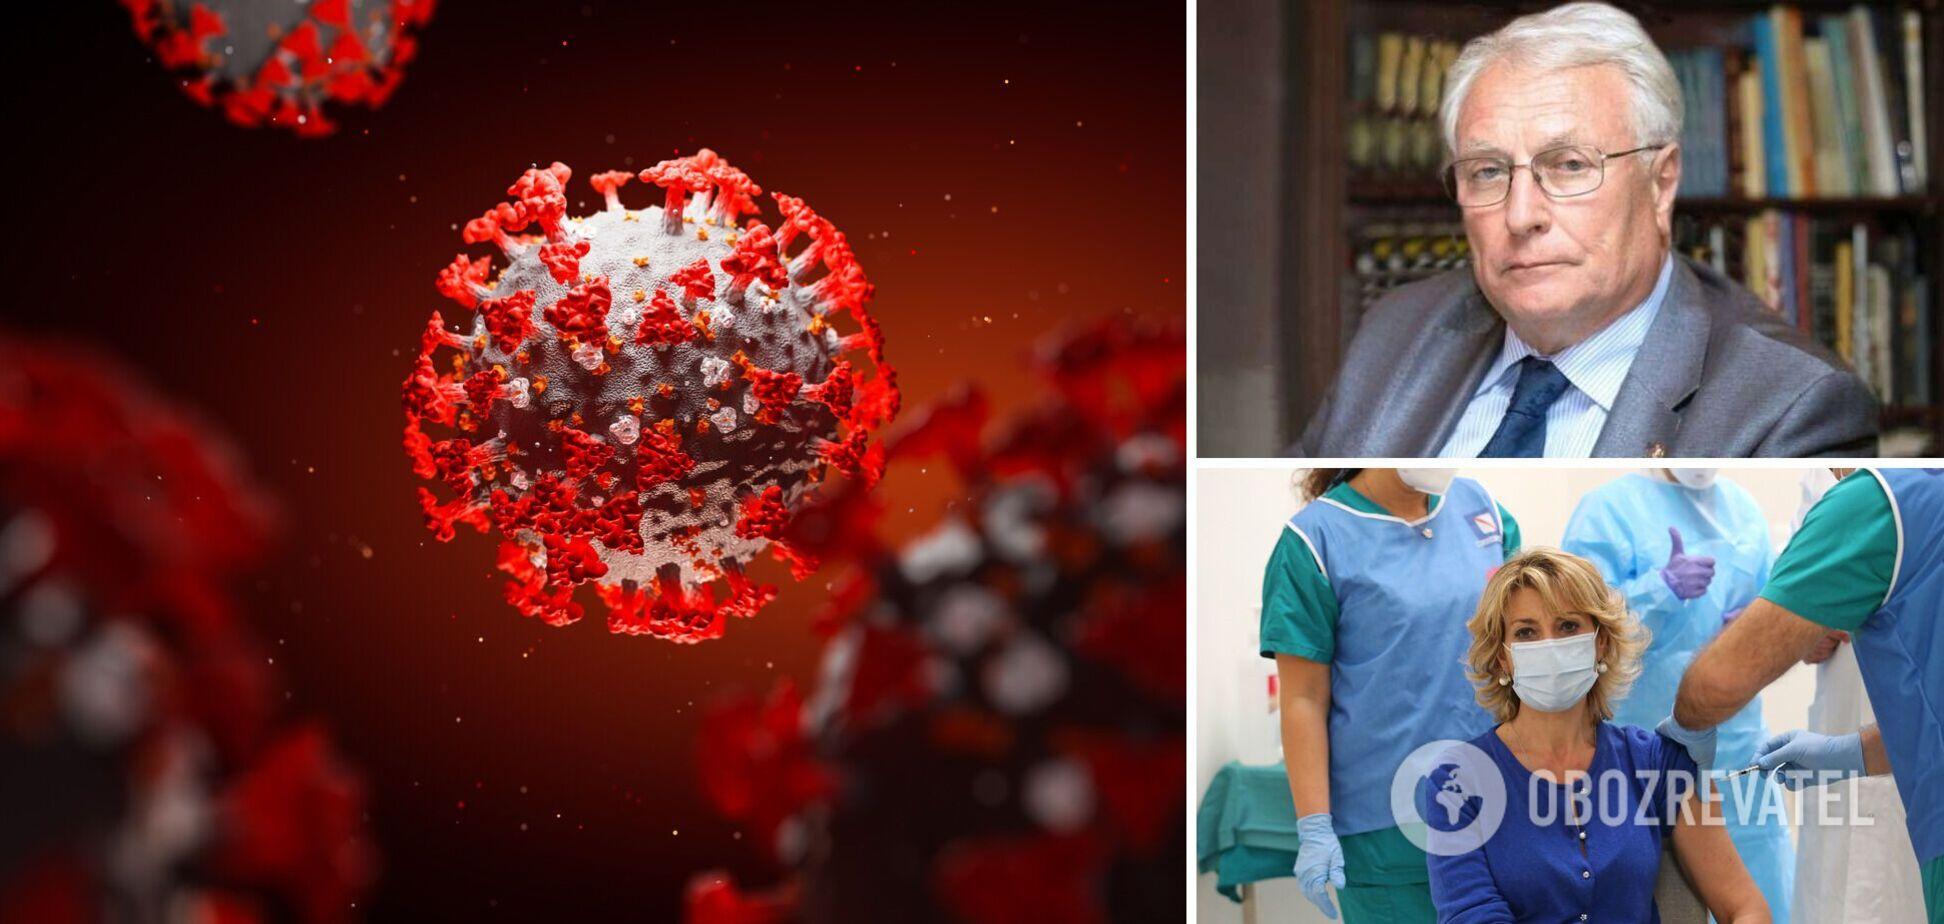 Академик раскрыл опасность новой мутации коронавируса: это вариант Дельты